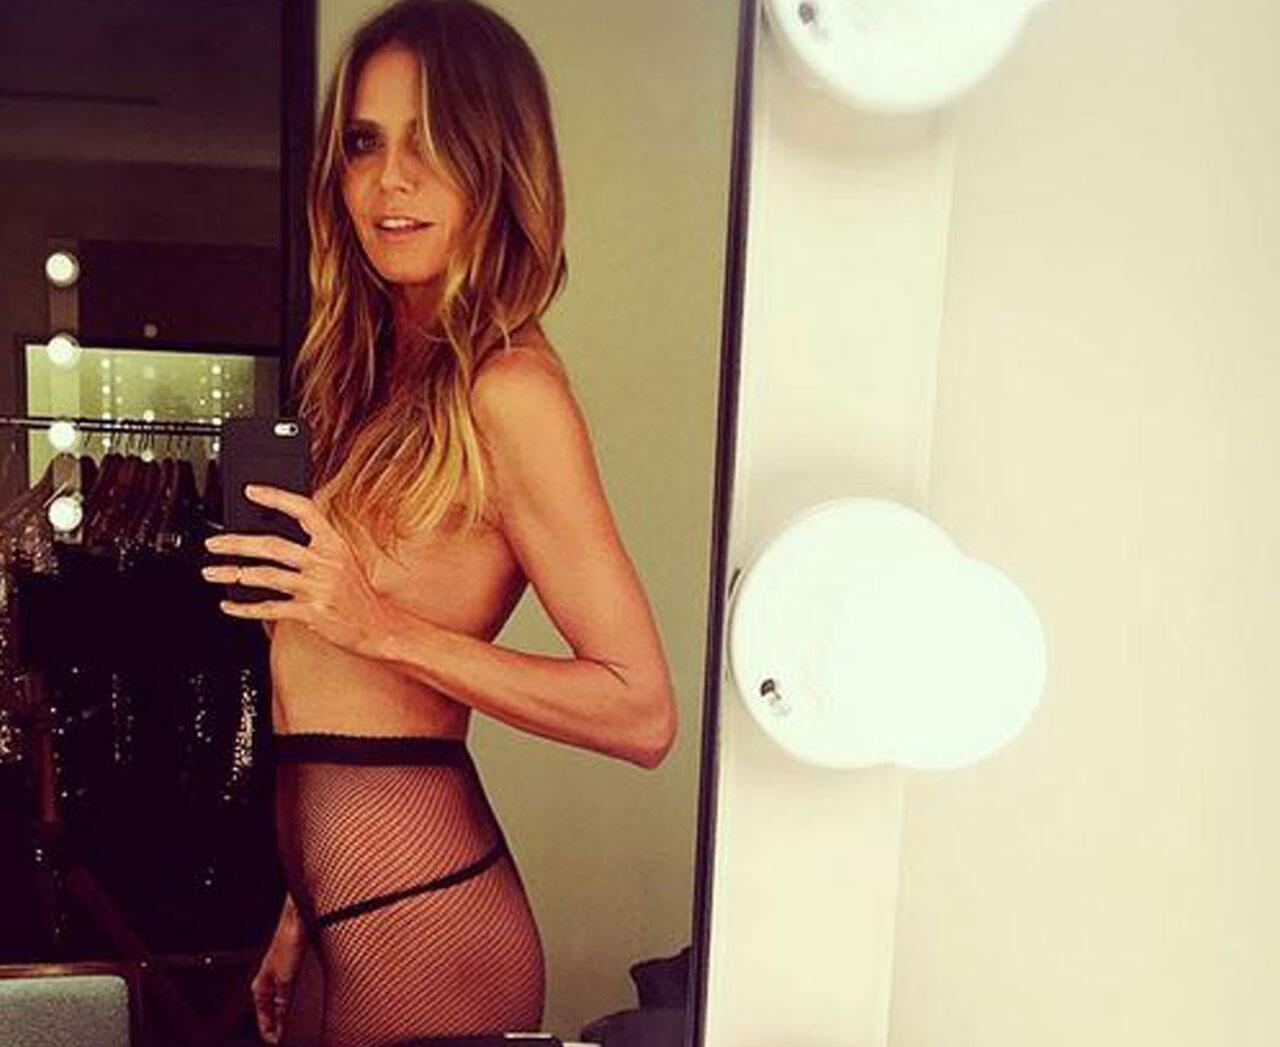 Bild zu Sorge um Heidi Klum. Ihr Fans finden sie viel zu dünn.